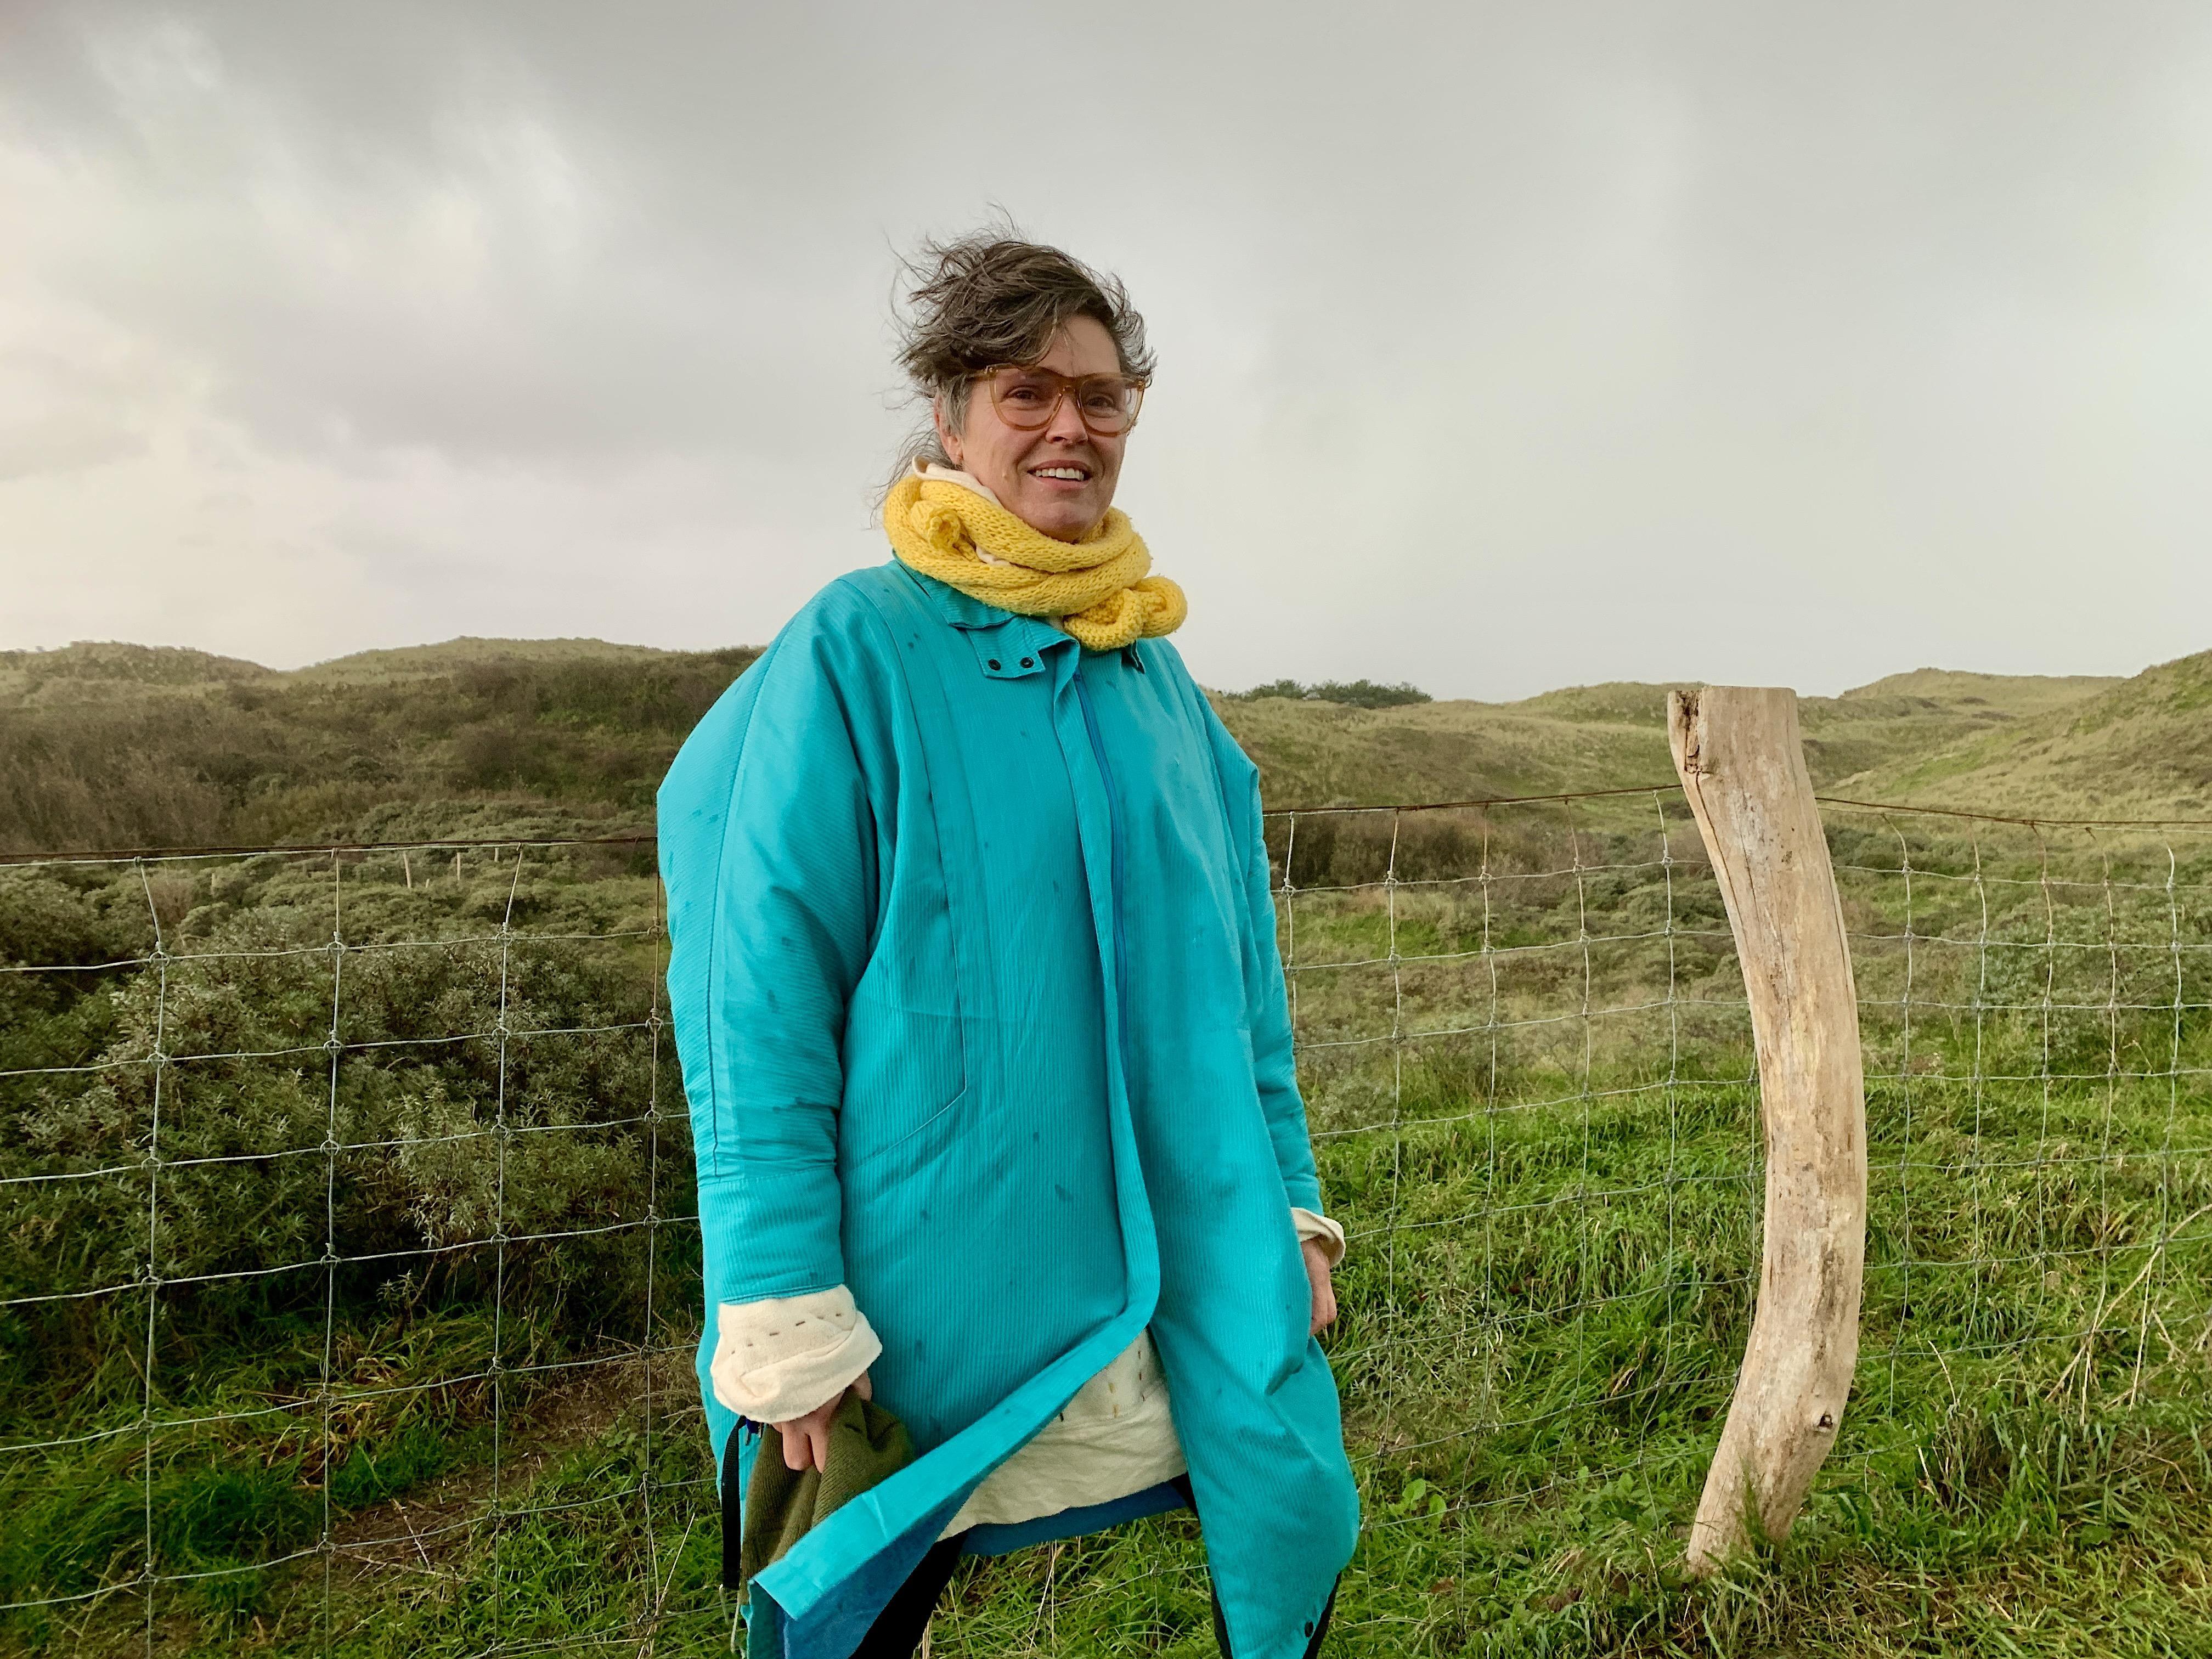 Onderweg: Ilse Stokman (51) is docente Engels en kunstenares. Ze is 'een zoeker'. Aan de vooravond van een sabbatical twijfelt ze over haar toekomst